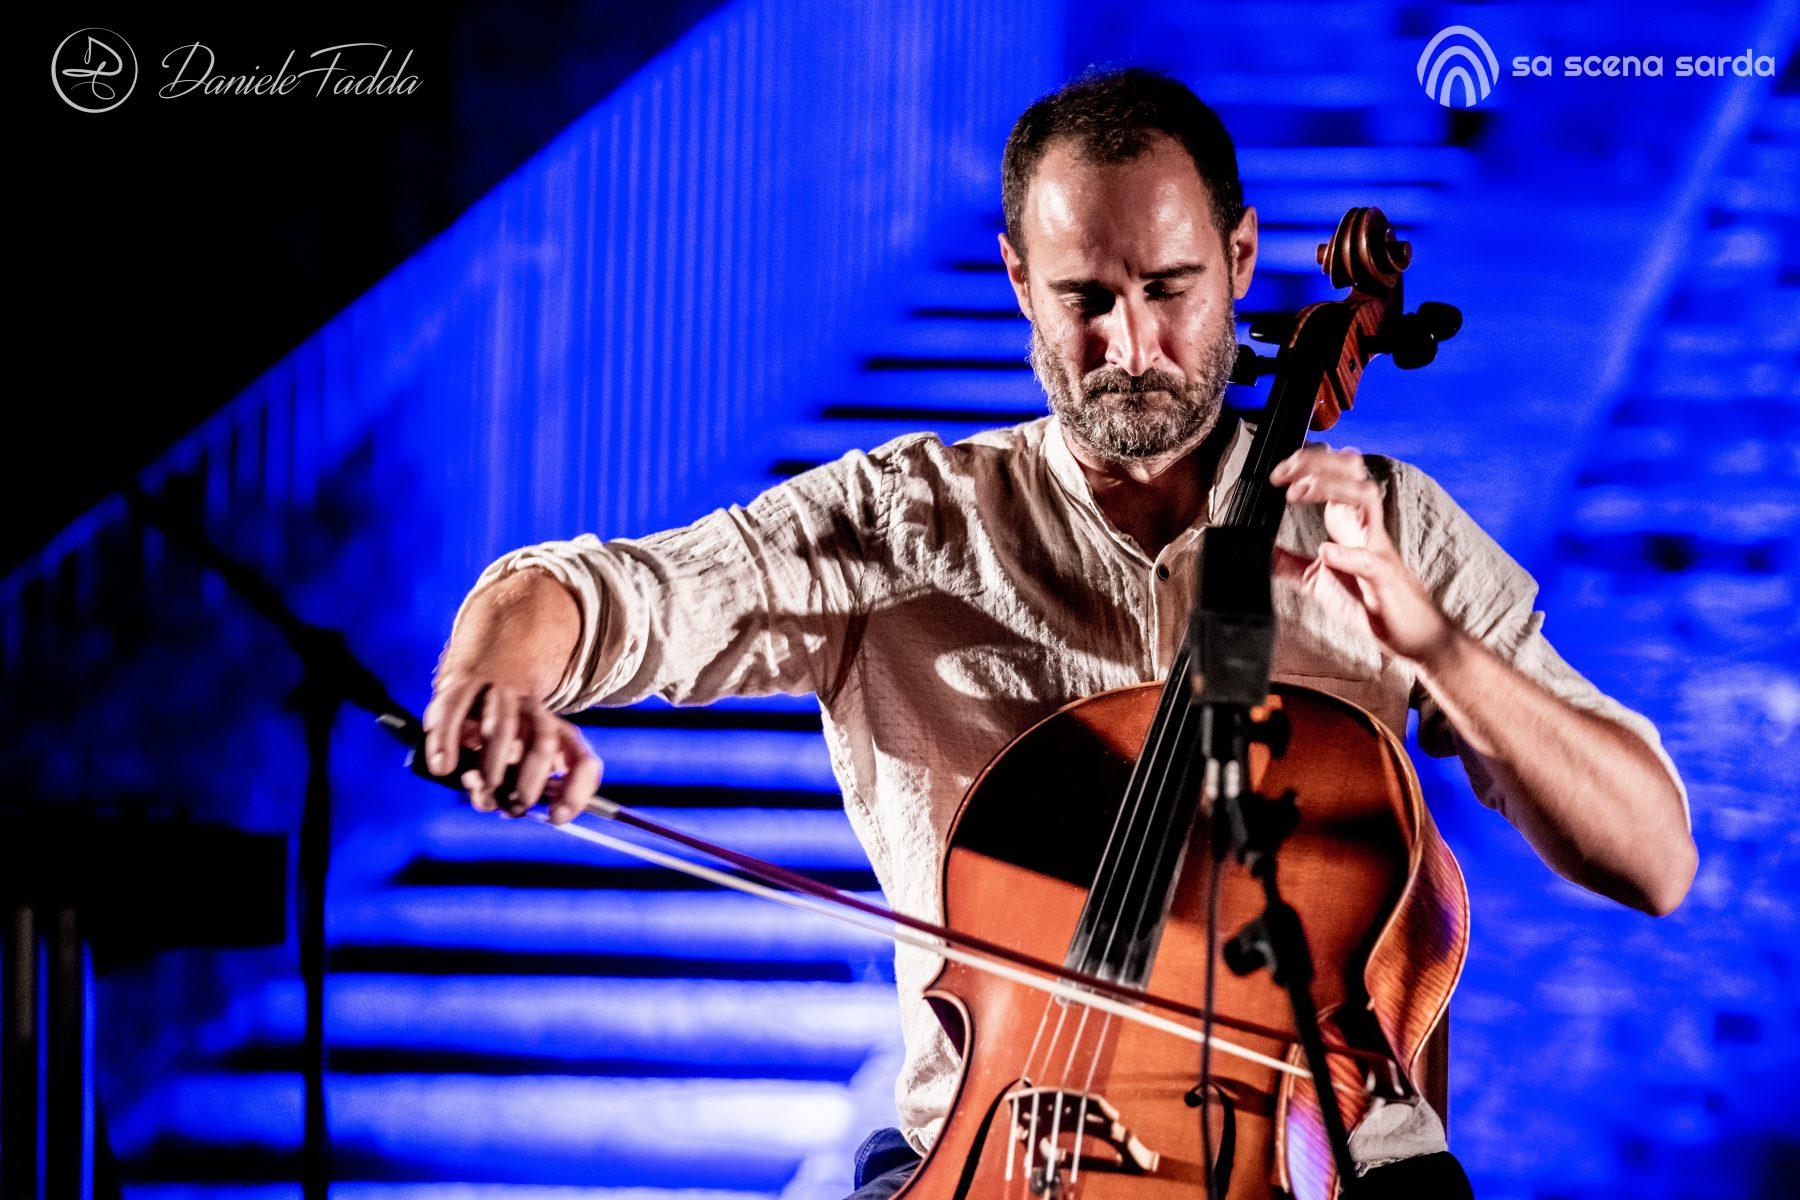 Isole che Parlano - Isole che Parlano di Musica - Francesco Guerri - Daniele Fadda - festival - Palau - 2020 - Sa Scena Sarda - 12 settembre 2020